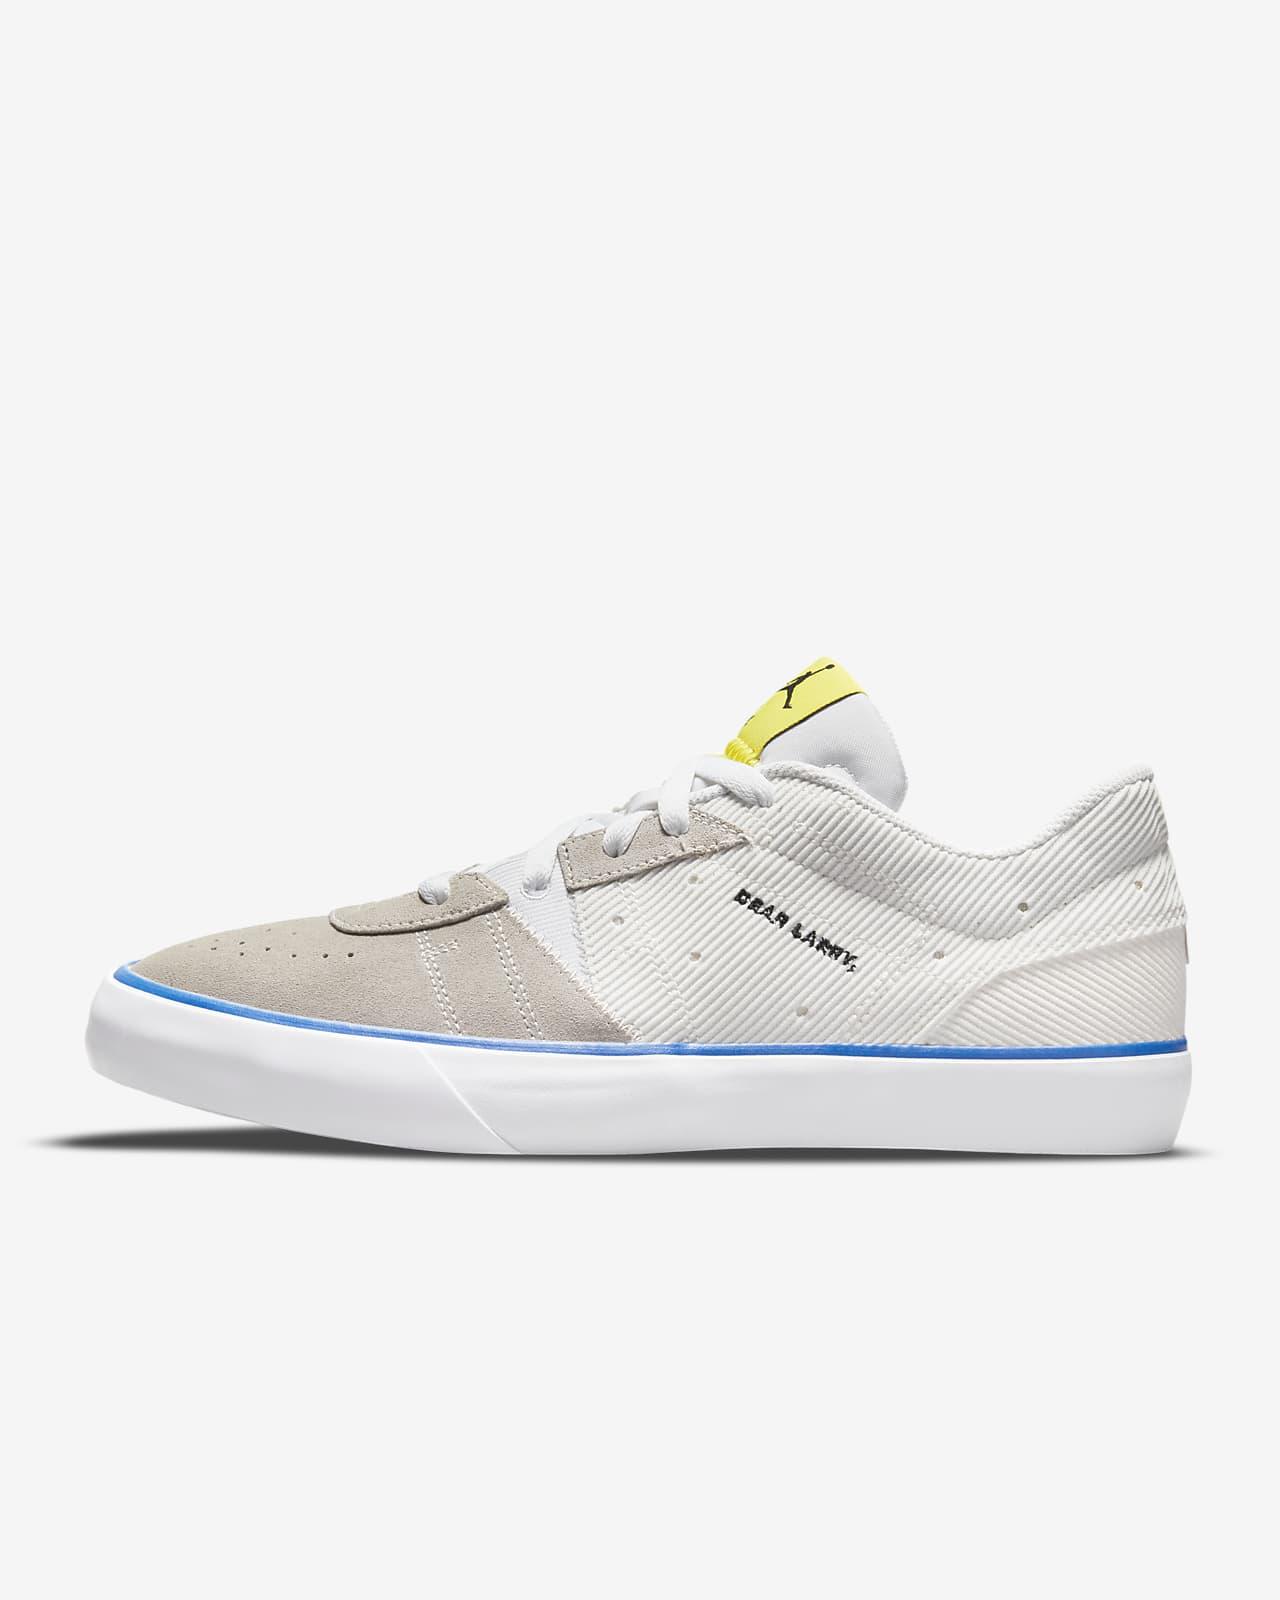 Jordan Series .01 'Dear Larry' Shoes